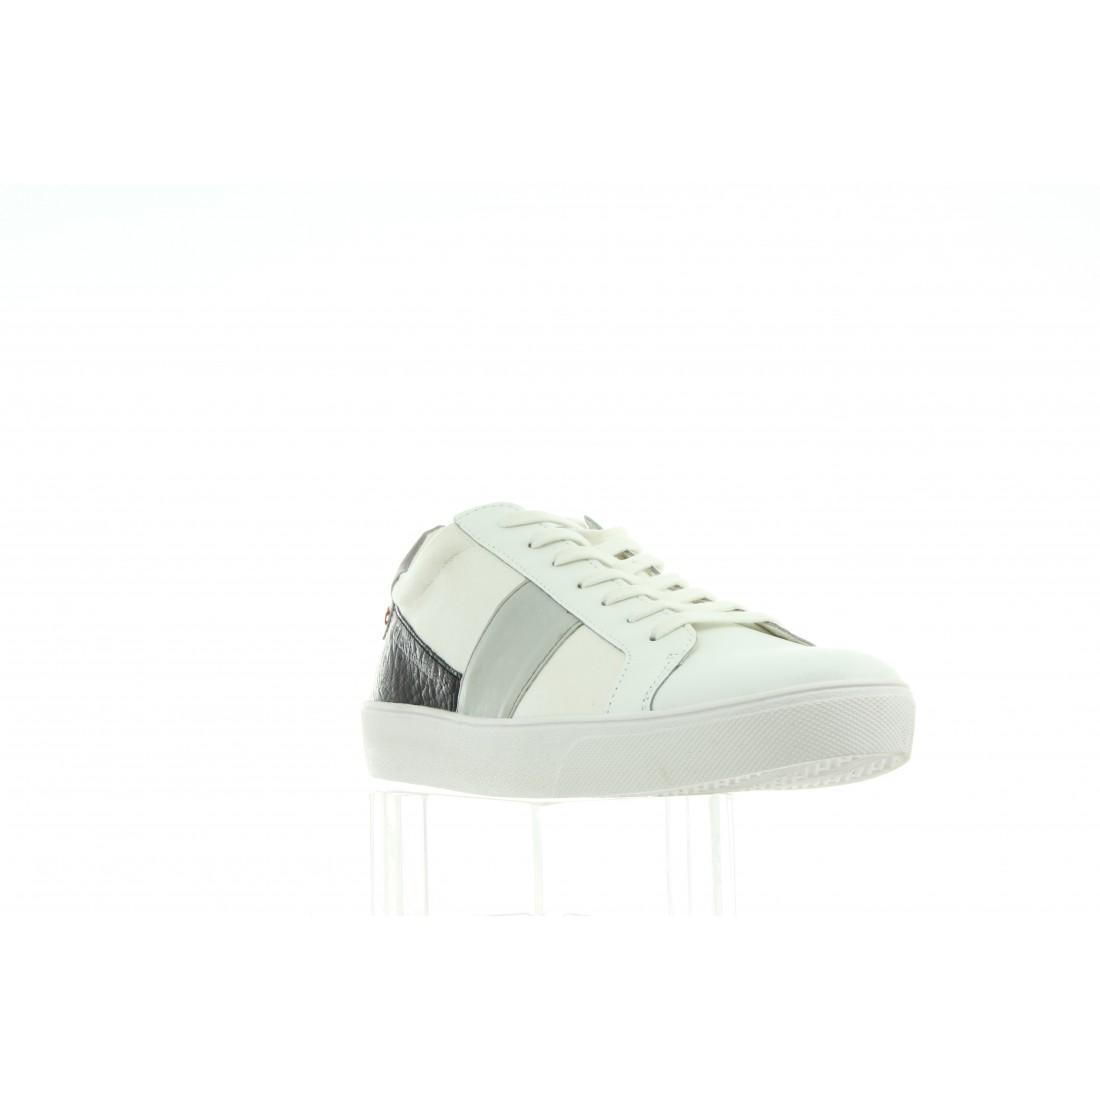 FMKNL1 FAB12 WHITE Biały